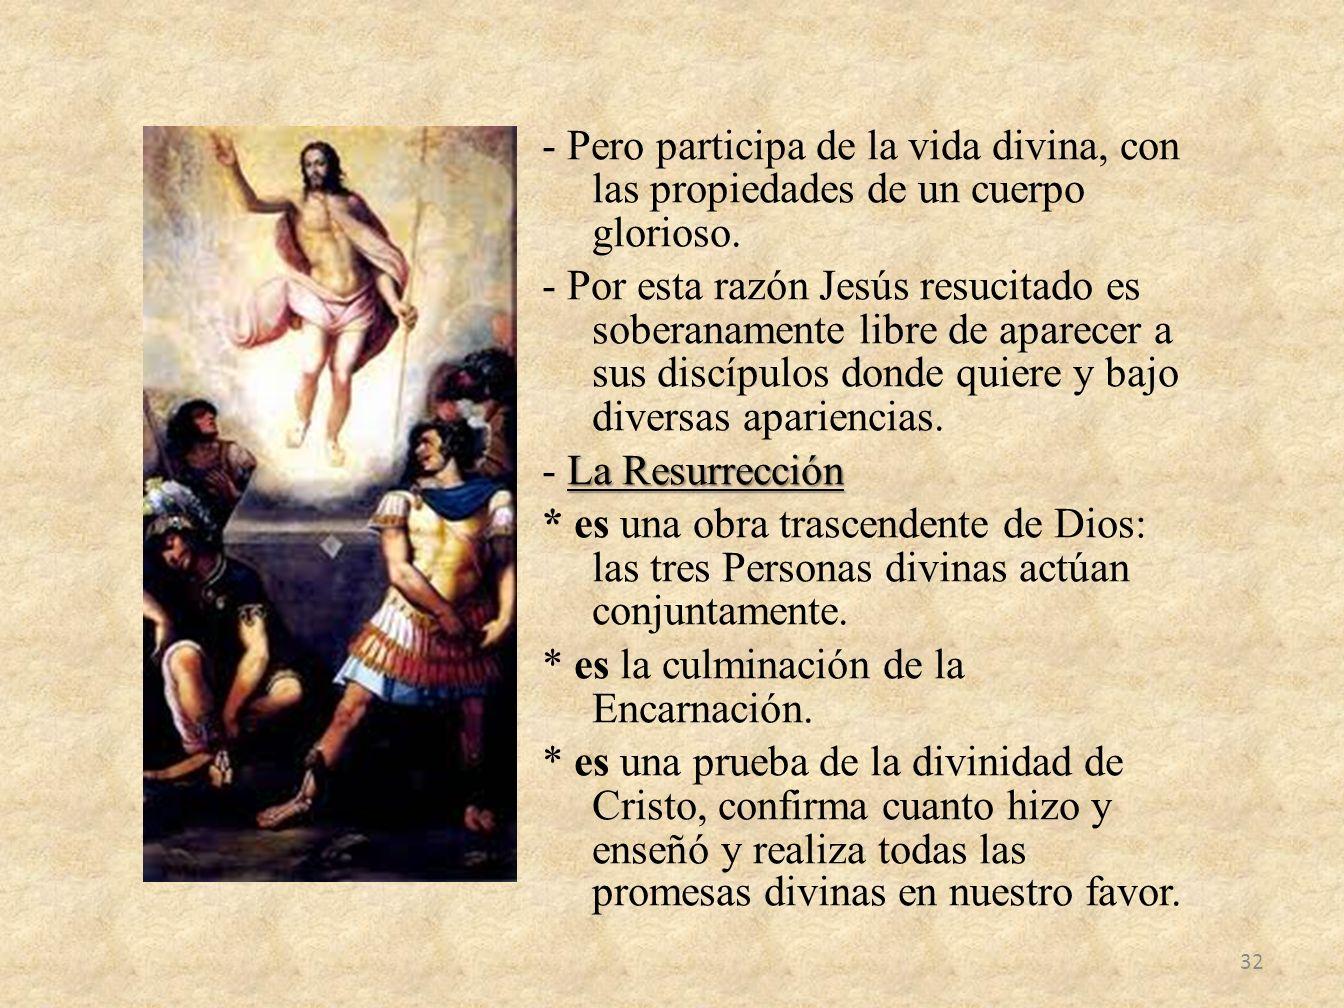 - Pero participa de la vida divina, con las propiedades de un cuerpo glorioso.